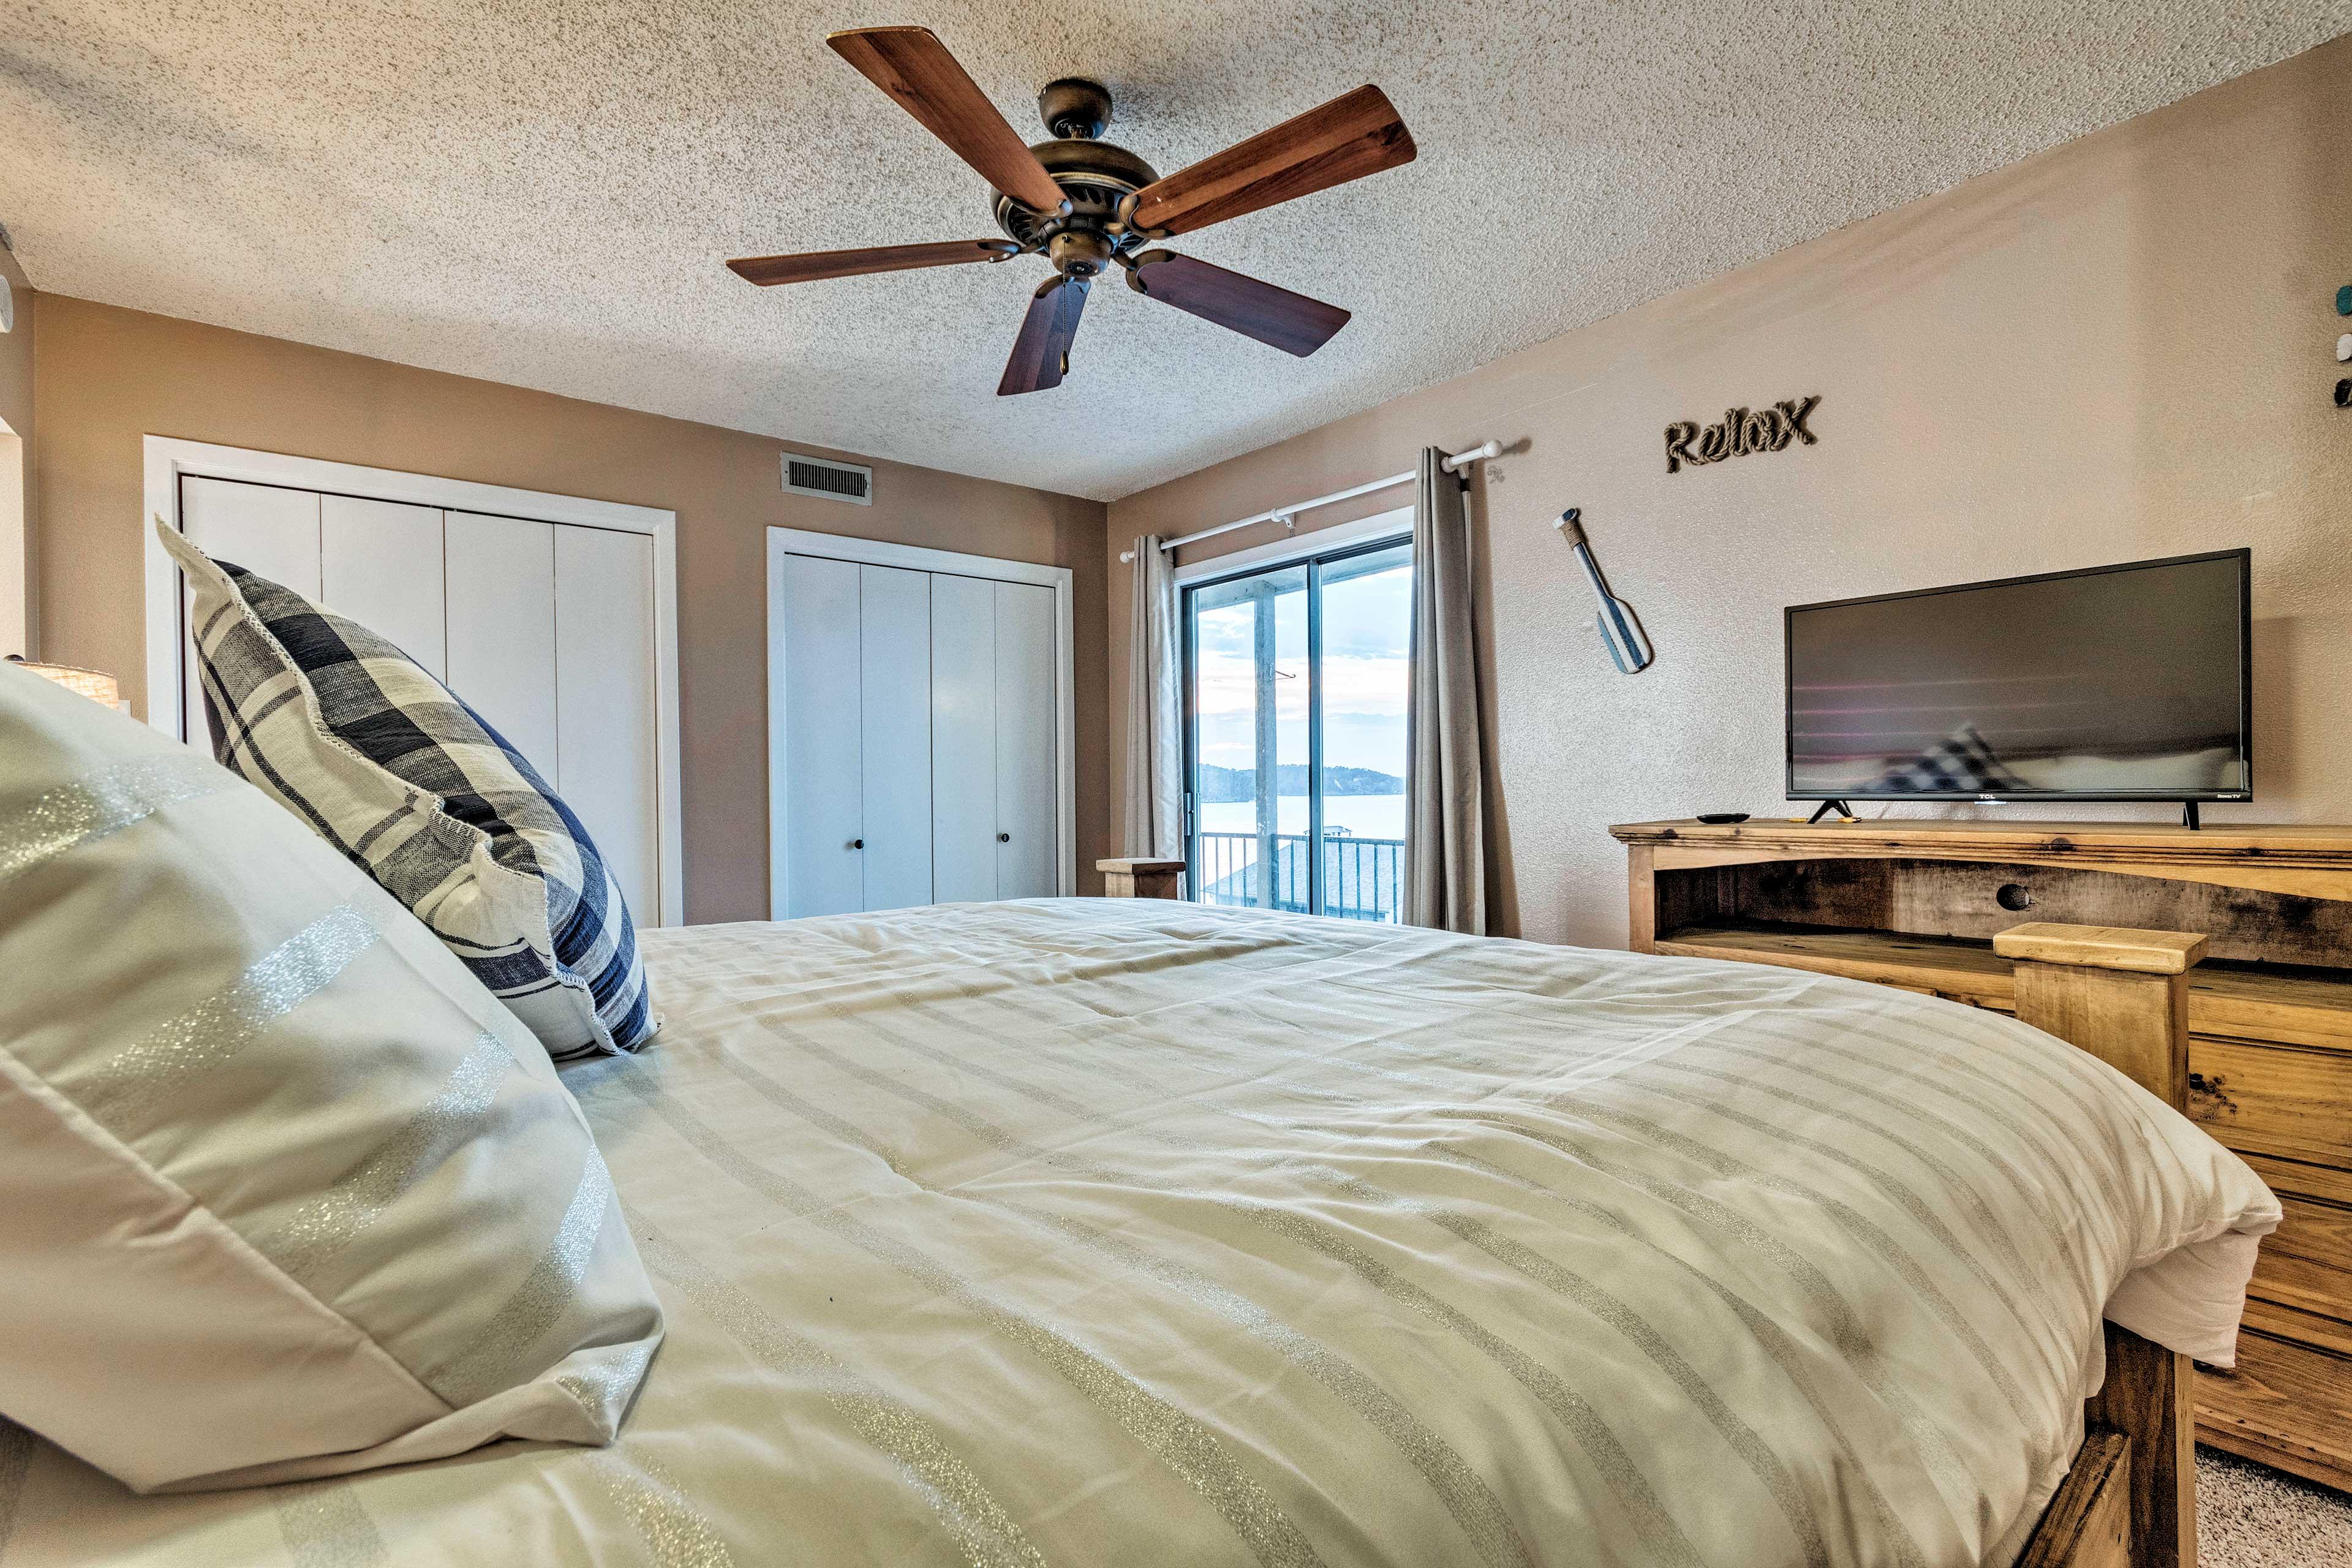 The master bedroom boasts balcony access.